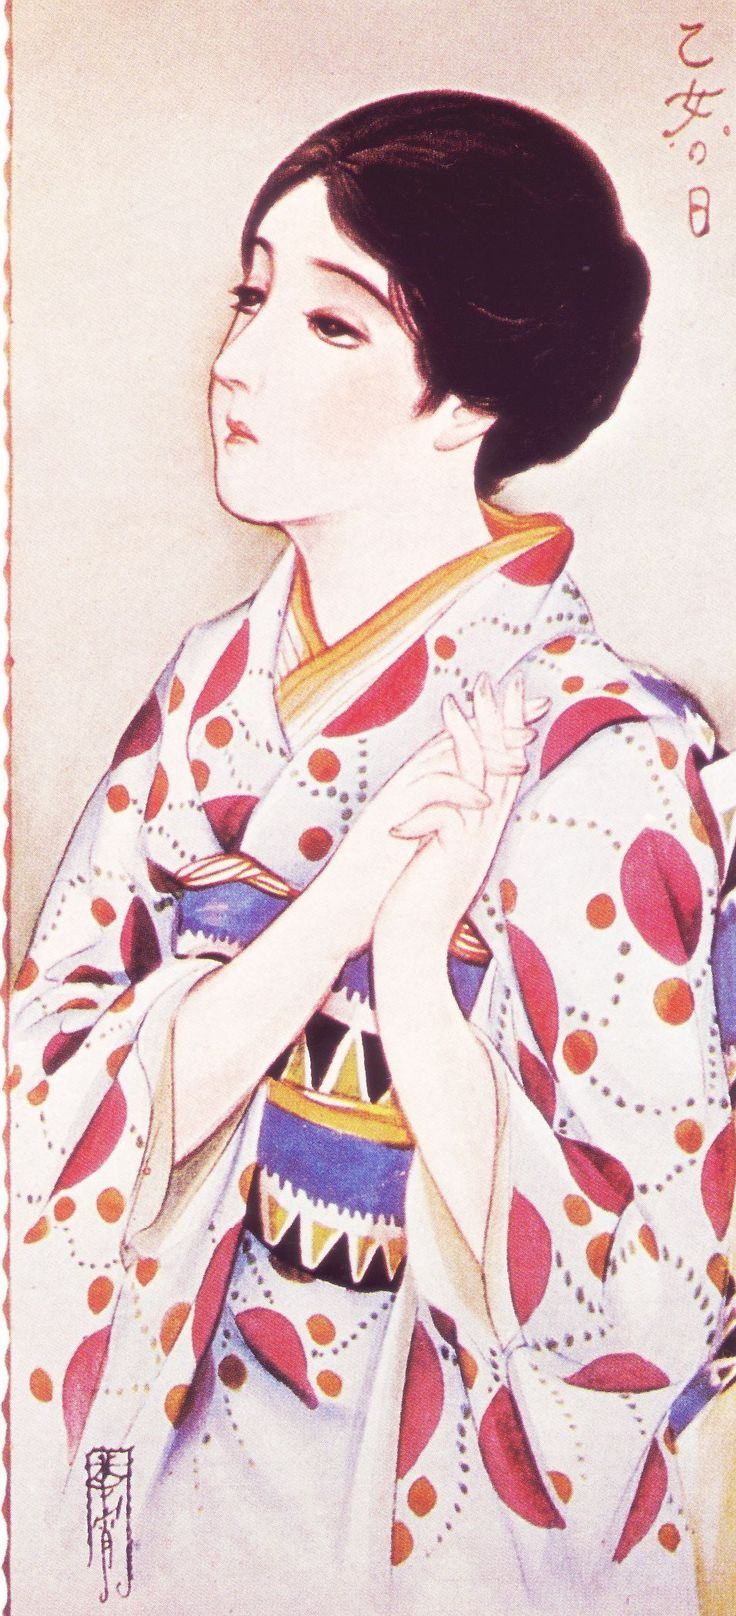 Kasho Takabatake (1888-1966)